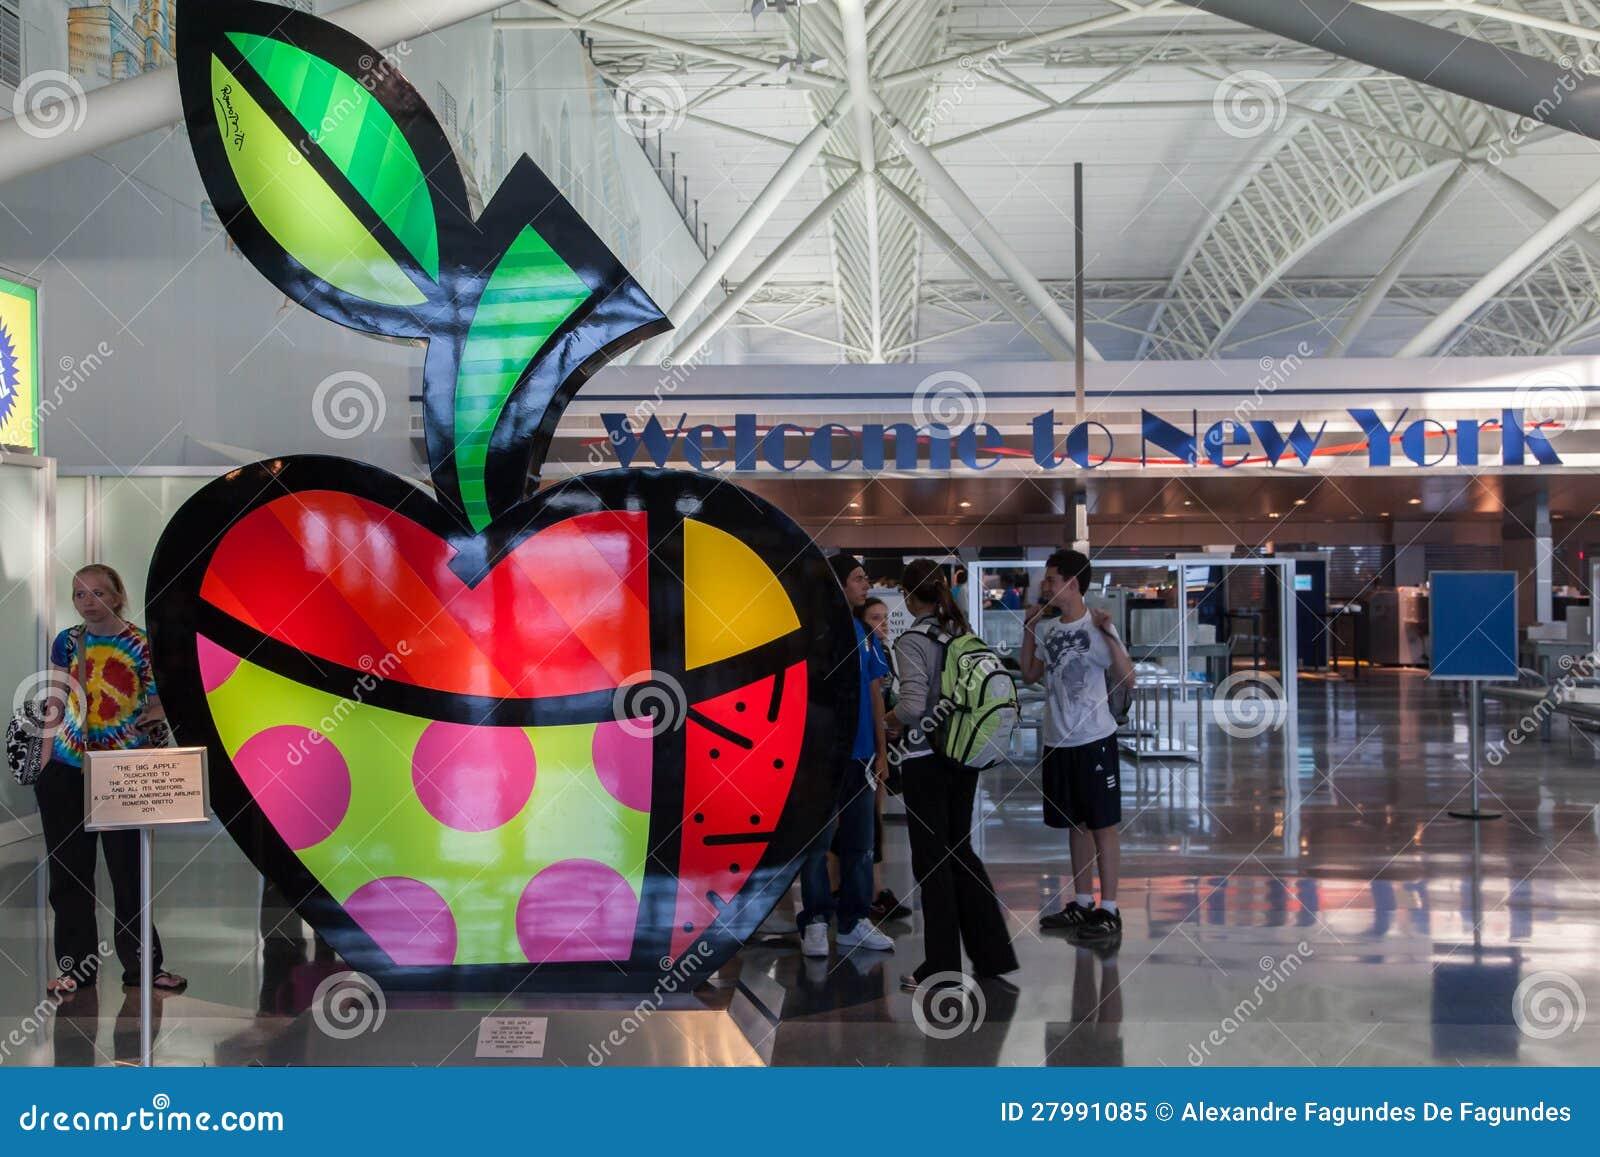 Aeroporto New York Jfk : Aeroporto new york di jfk immagine editoriale